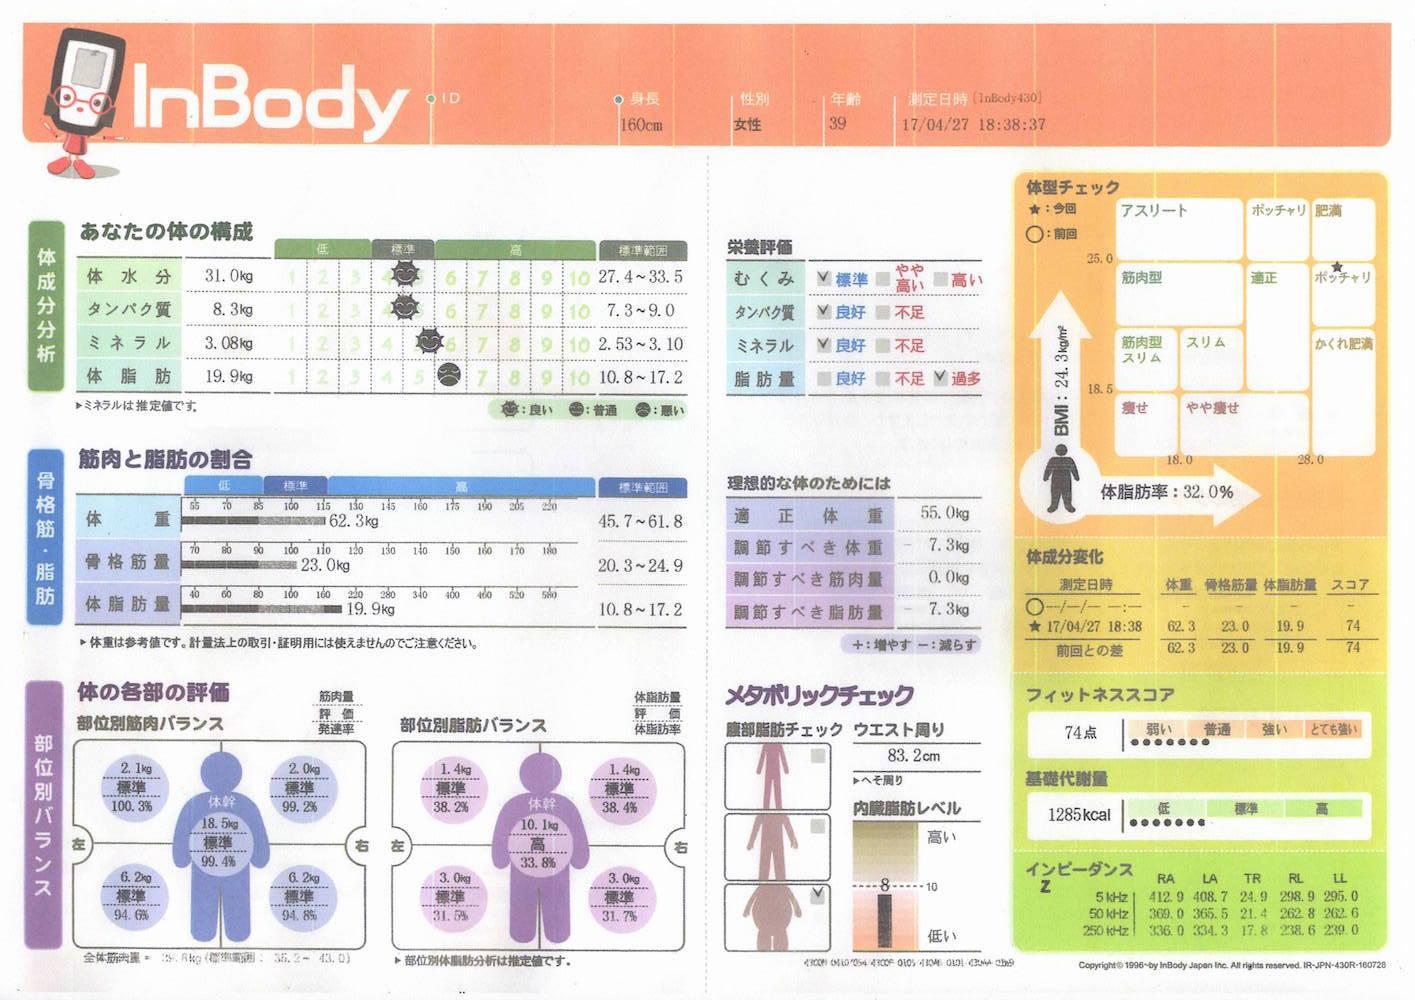 熊本県 熊本市 パーソナルトレーニングジム プライベートジム コンディショニングトレーナー ダイエット シェイプアップ 減量 バルクアップ 筋肥大 体力アップ 筋トレ ジム